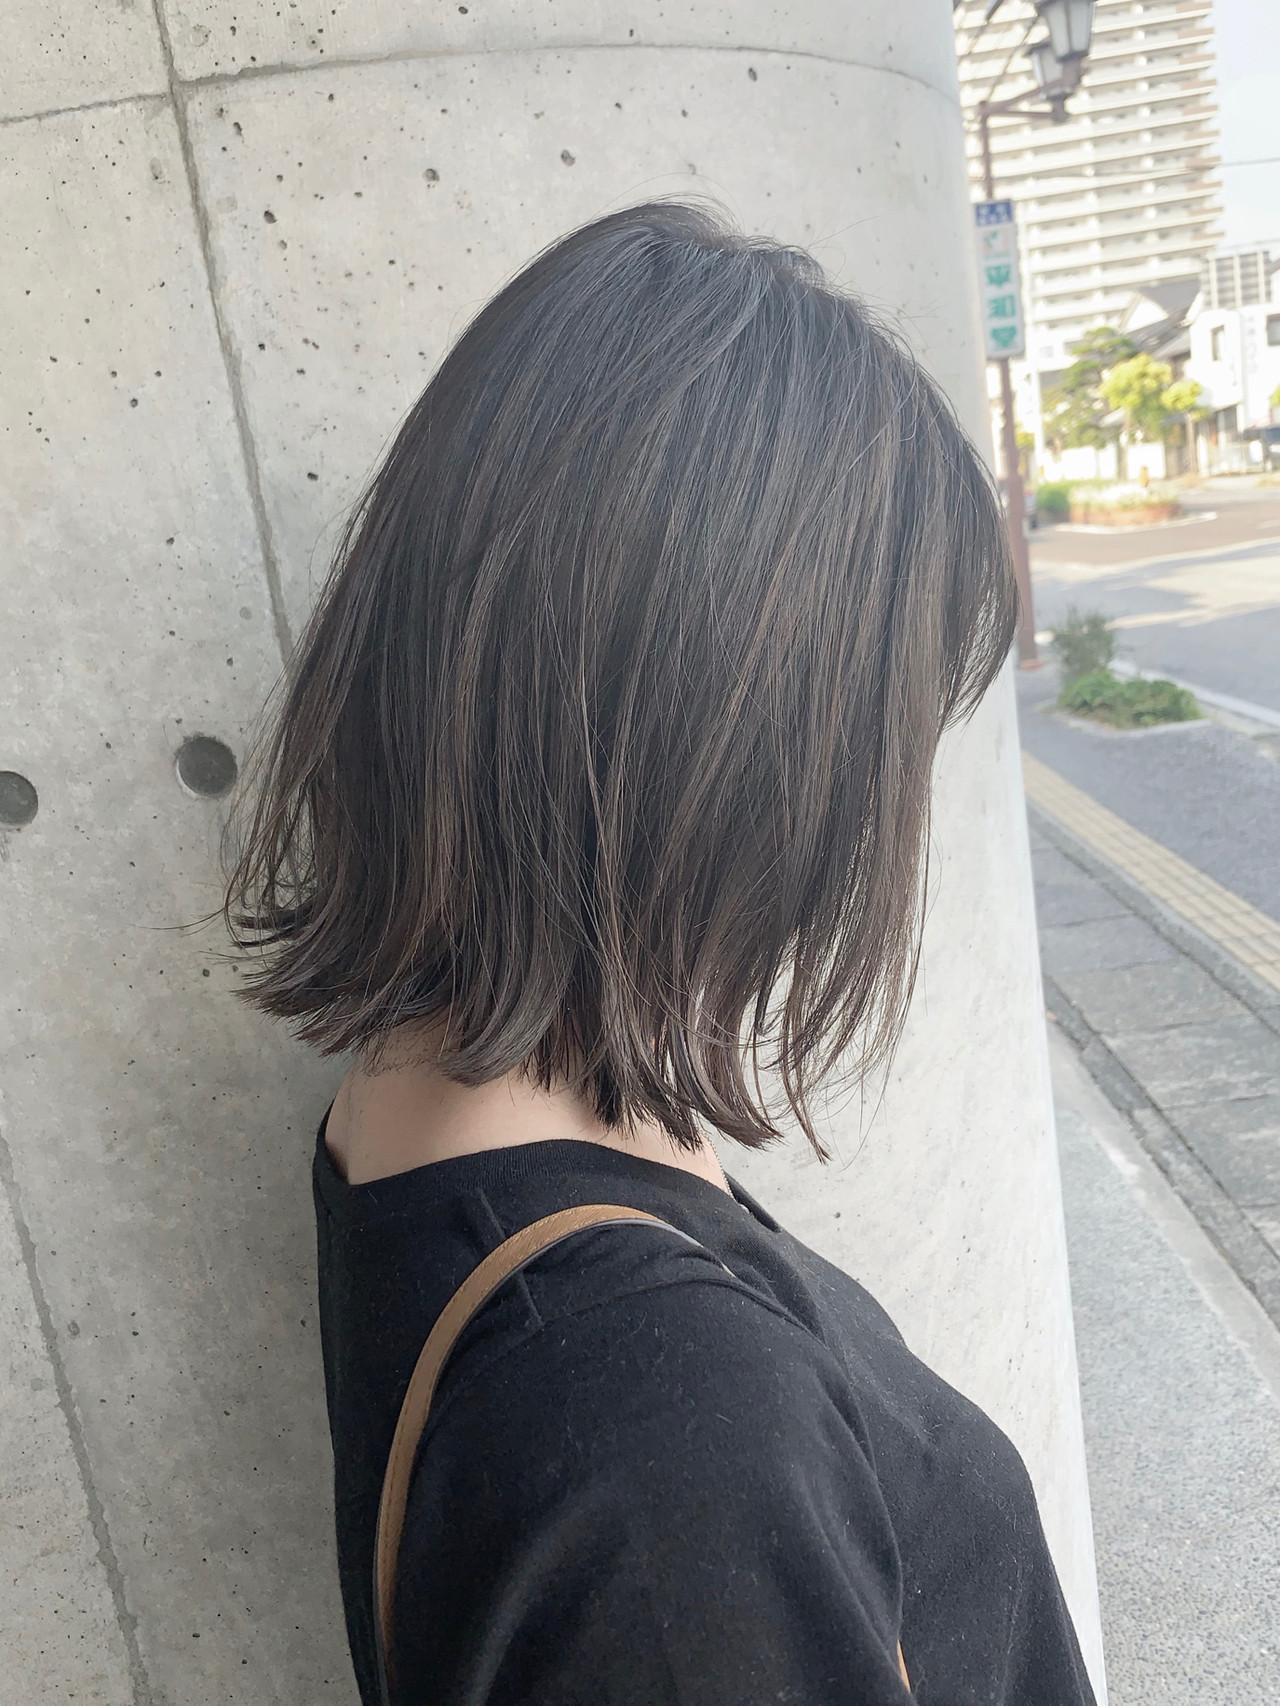 透明感 グレージュ ブラウンベージュ ボブ ヘアスタイルや髪型の写真・画像